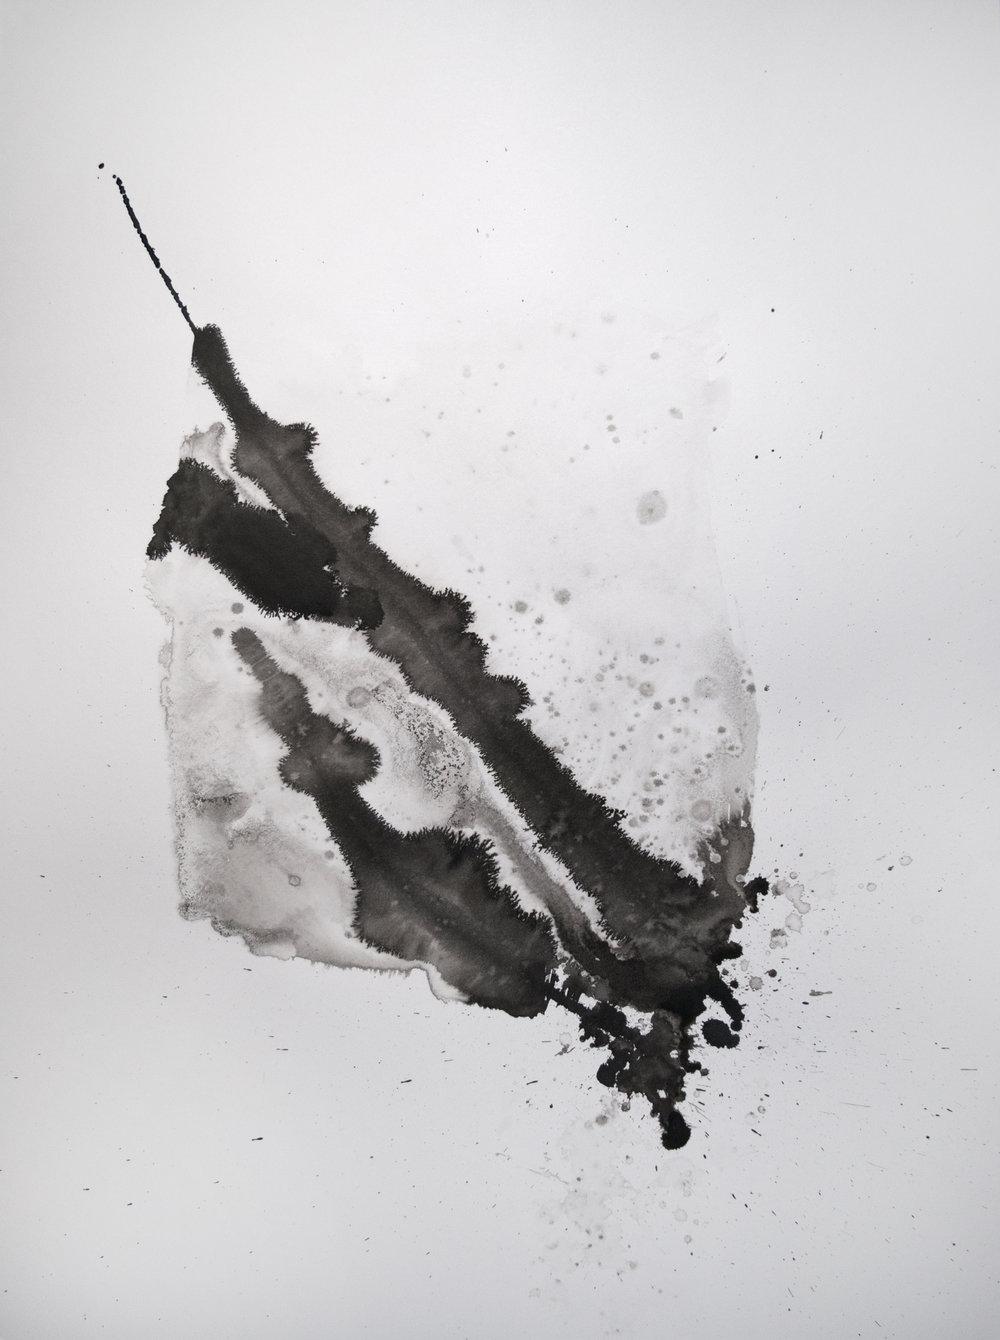 black ink and water 3.jpg